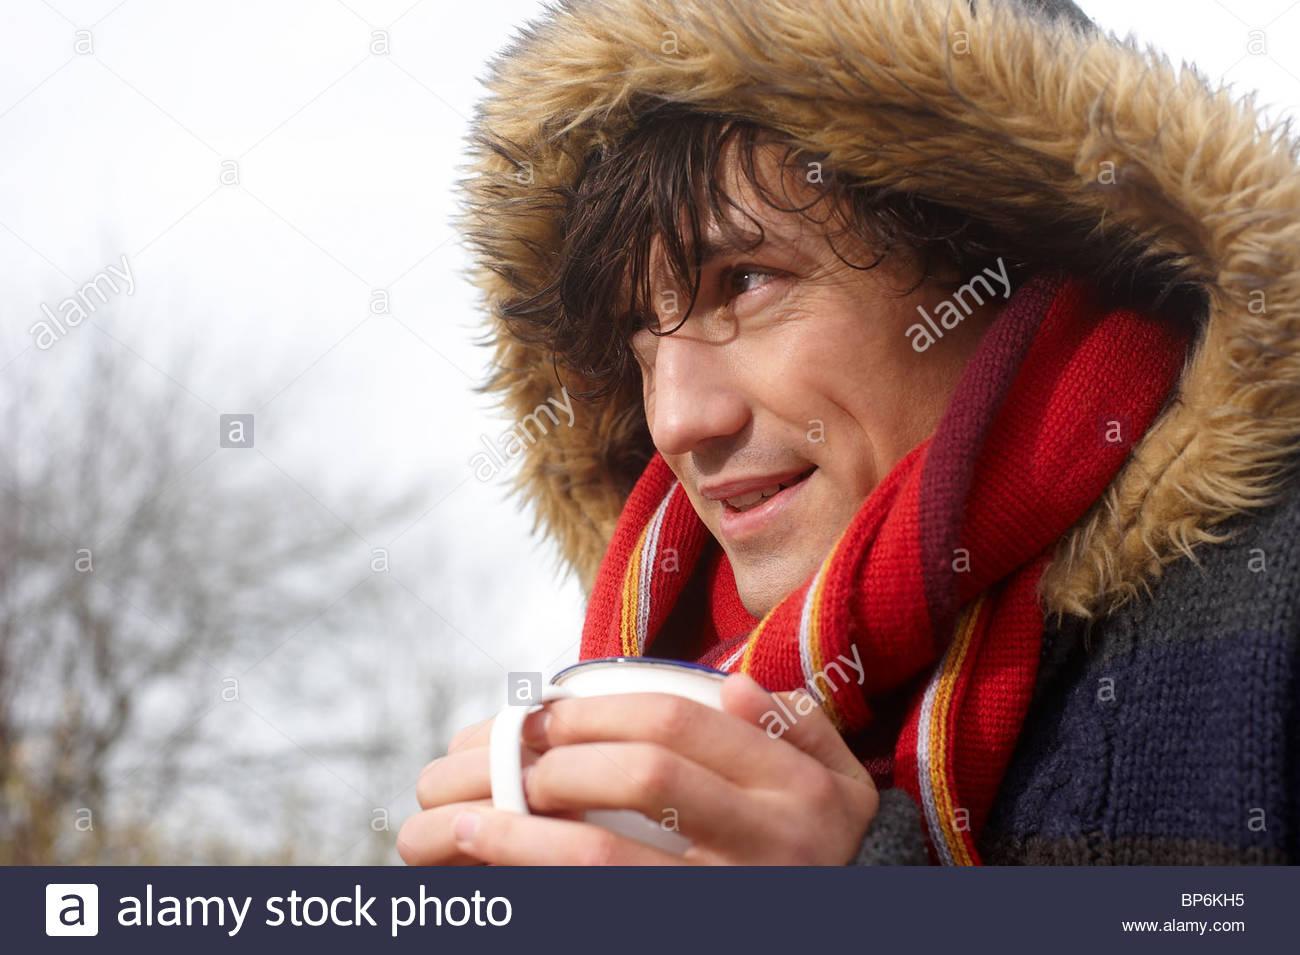 Ein reifer Mann stehend im Freien im Winter halten Sie ein heißes Getränk Stockbild